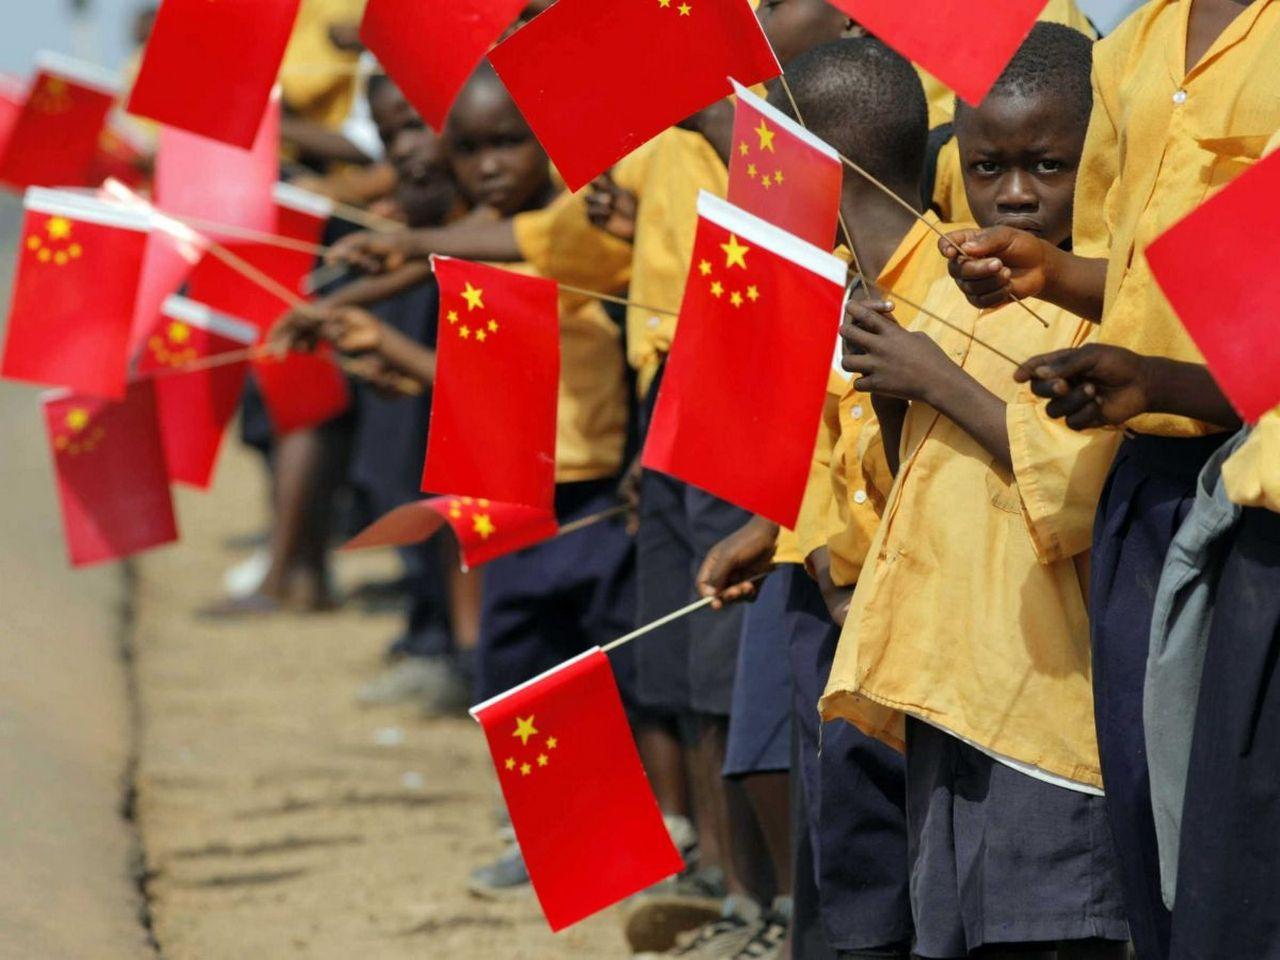 Китайская колонизация Африки